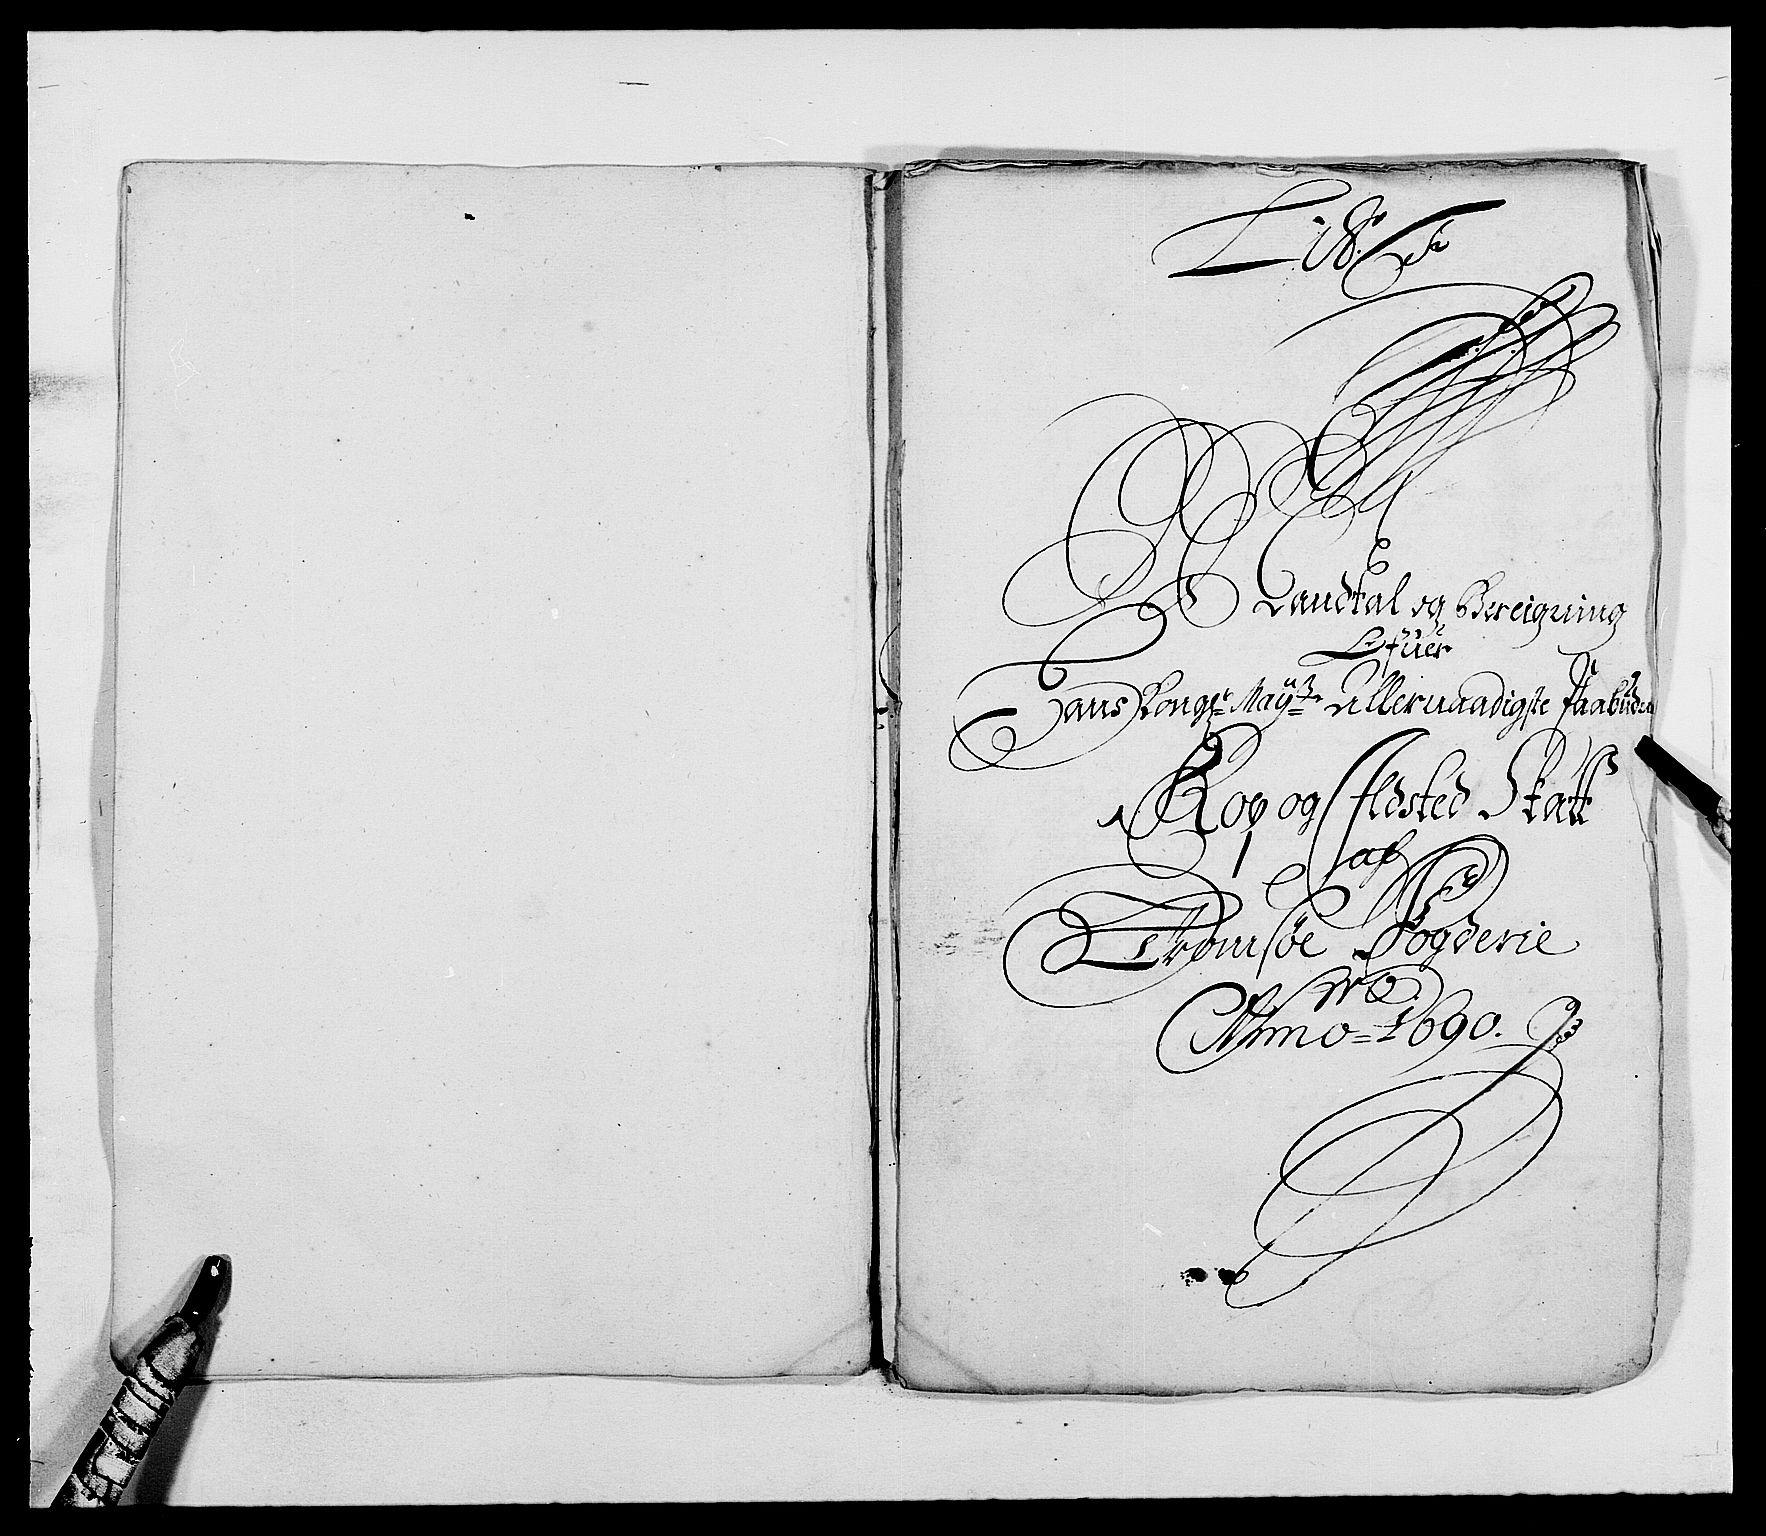 RA, Rentekammeret inntil 1814, Reviderte regnskaper, Fogderegnskap, R68/L4751: Fogderegnskap Senja og Troms, 1690-1693, s. 49